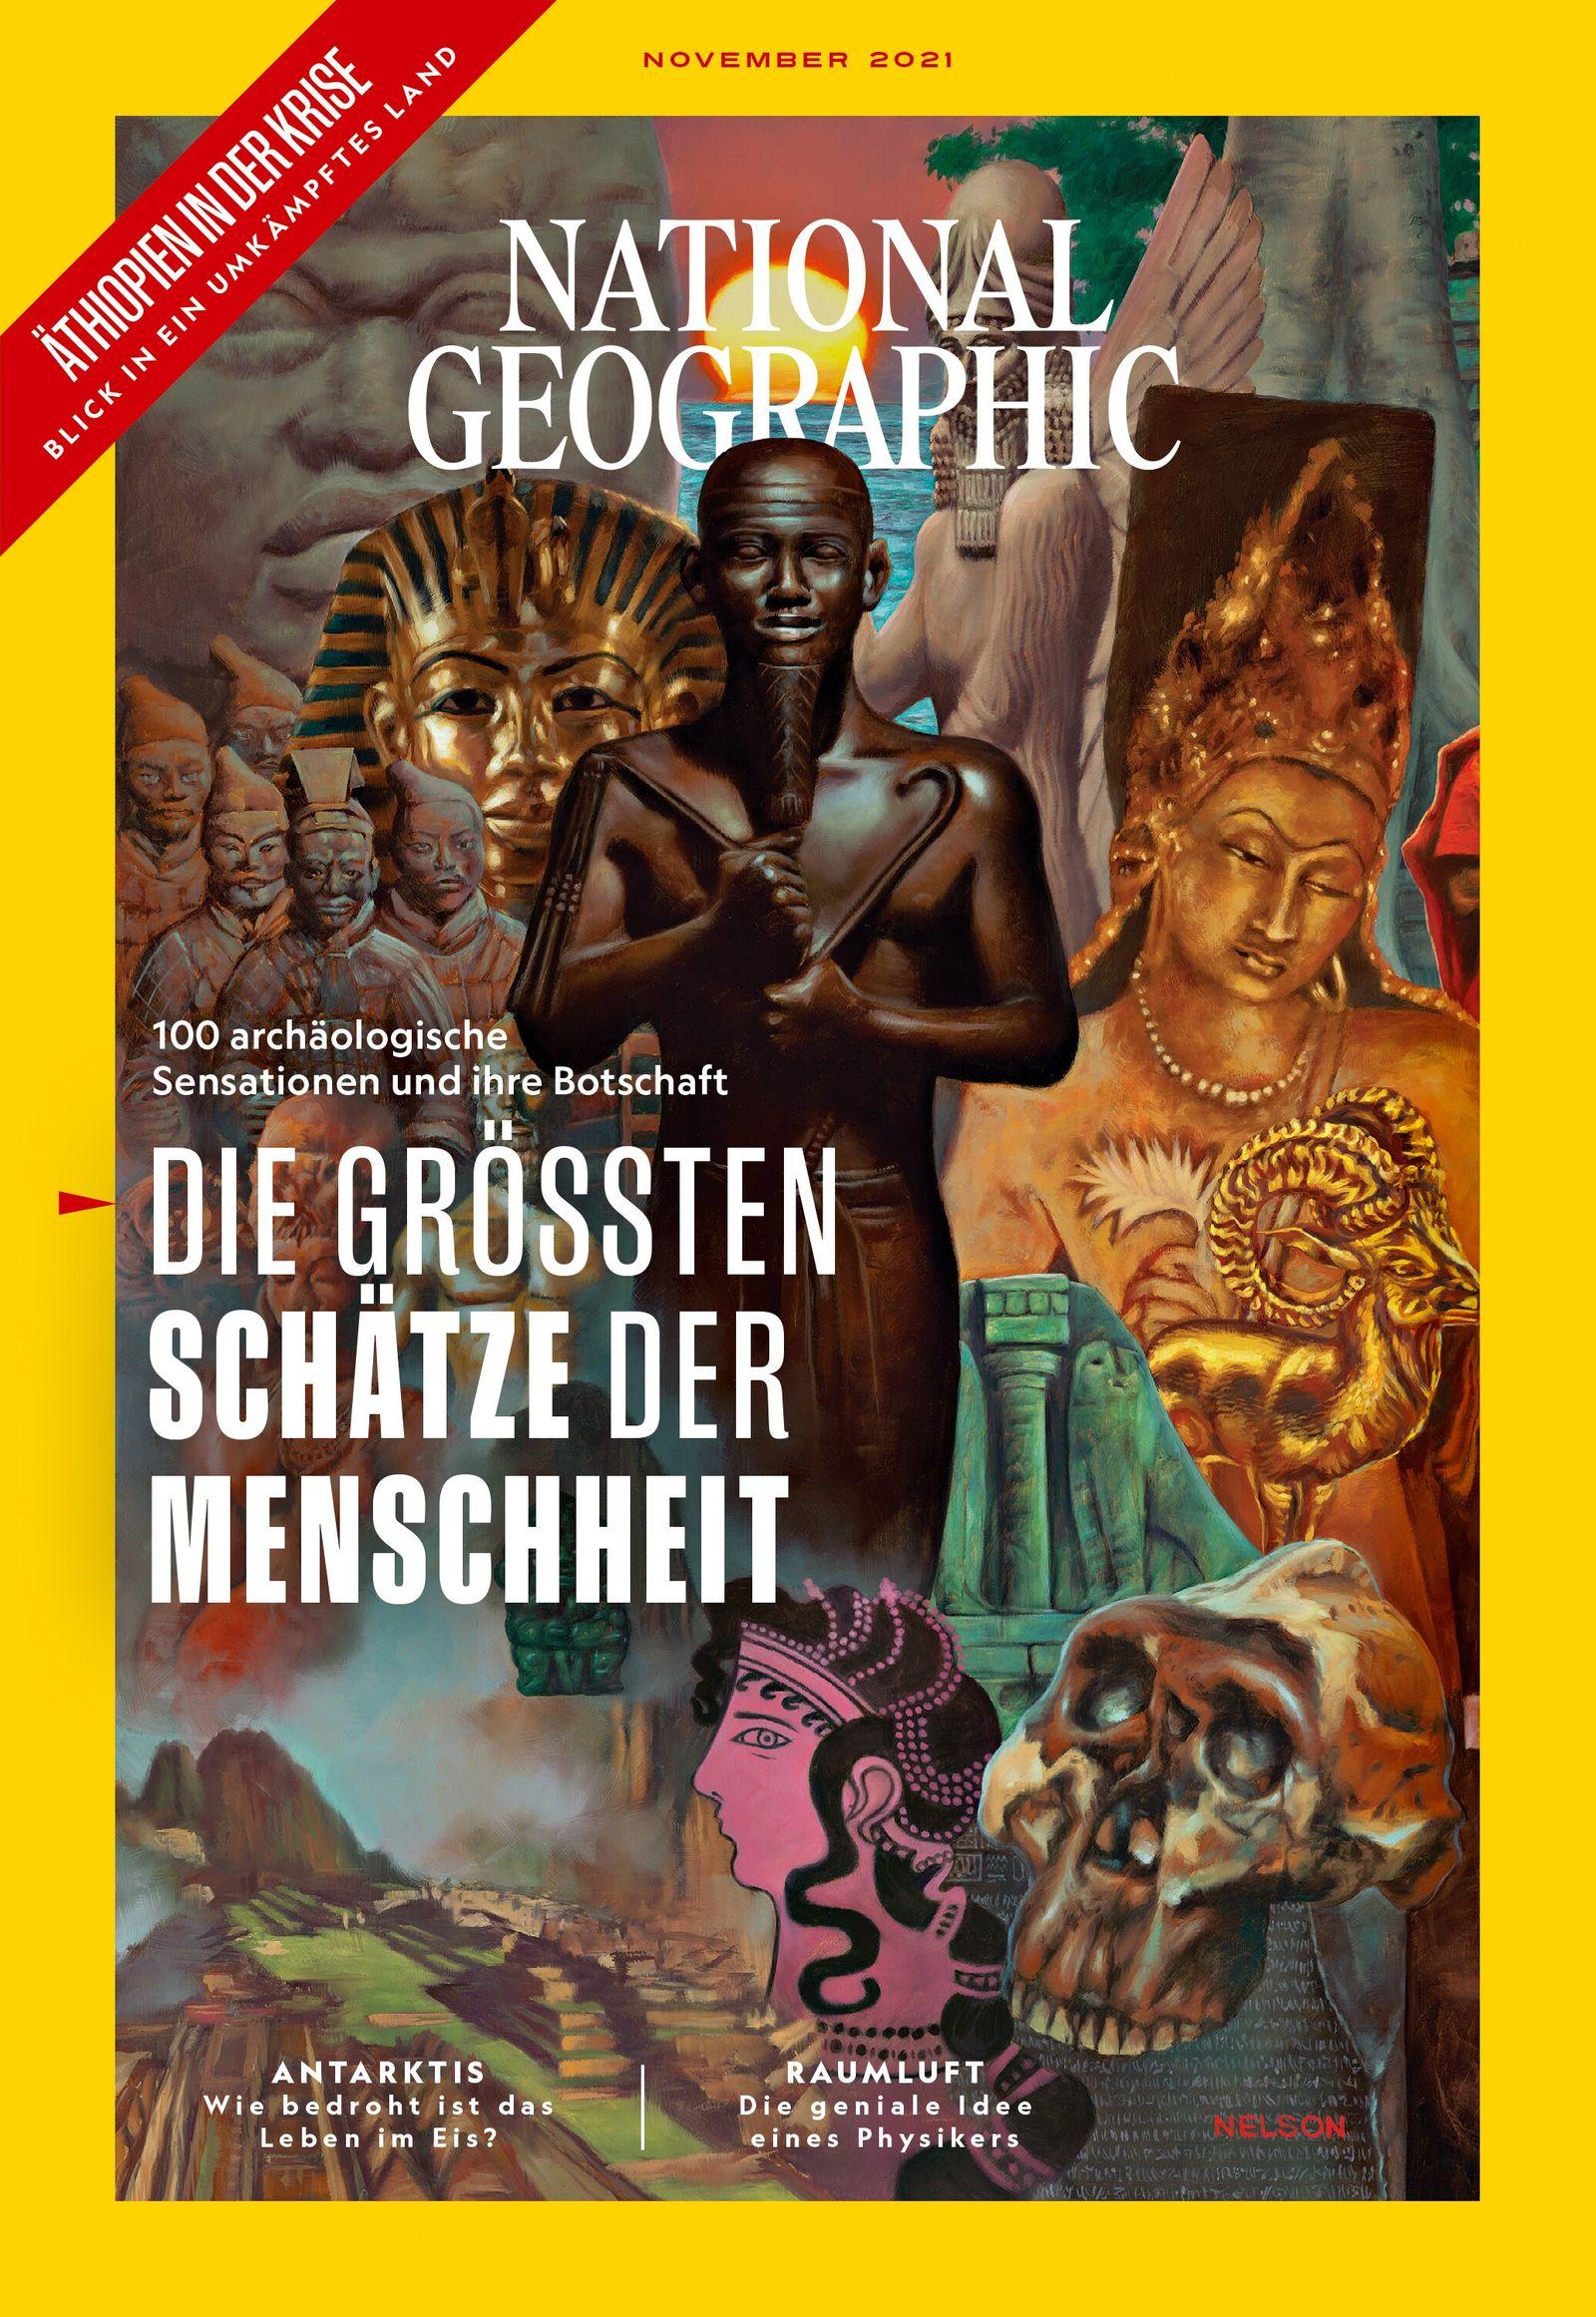 NGM November 2021 Cover